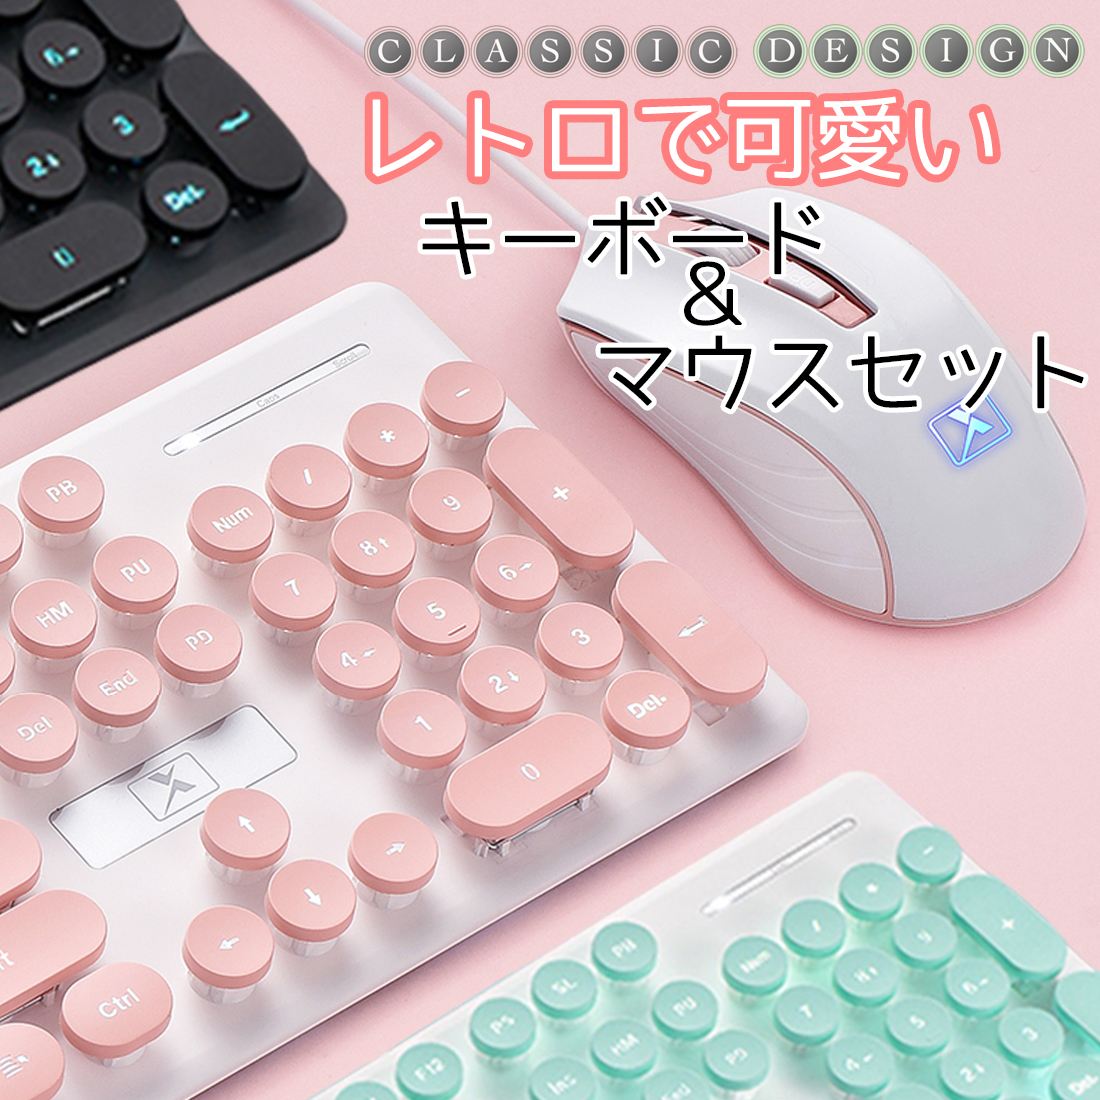 レトロで可愛いキーボードマウス2点セット タイプライター風の丸形キーキャップが個性的なクラシックデザイン DPI調節 人間工学 パステル クラシック 2点 セット キーボード マウス タイプライター風 メカニカル レトロ 光る ゲーミング USB 有線 バックライト おしゃれ 卸直営 正規品 set 実用的 インテリア 女性 母の日 プレゼント ユニーク ギフト 恋人 かわいい 彼女 贈り物 個性的 シンプル 英語配列 女